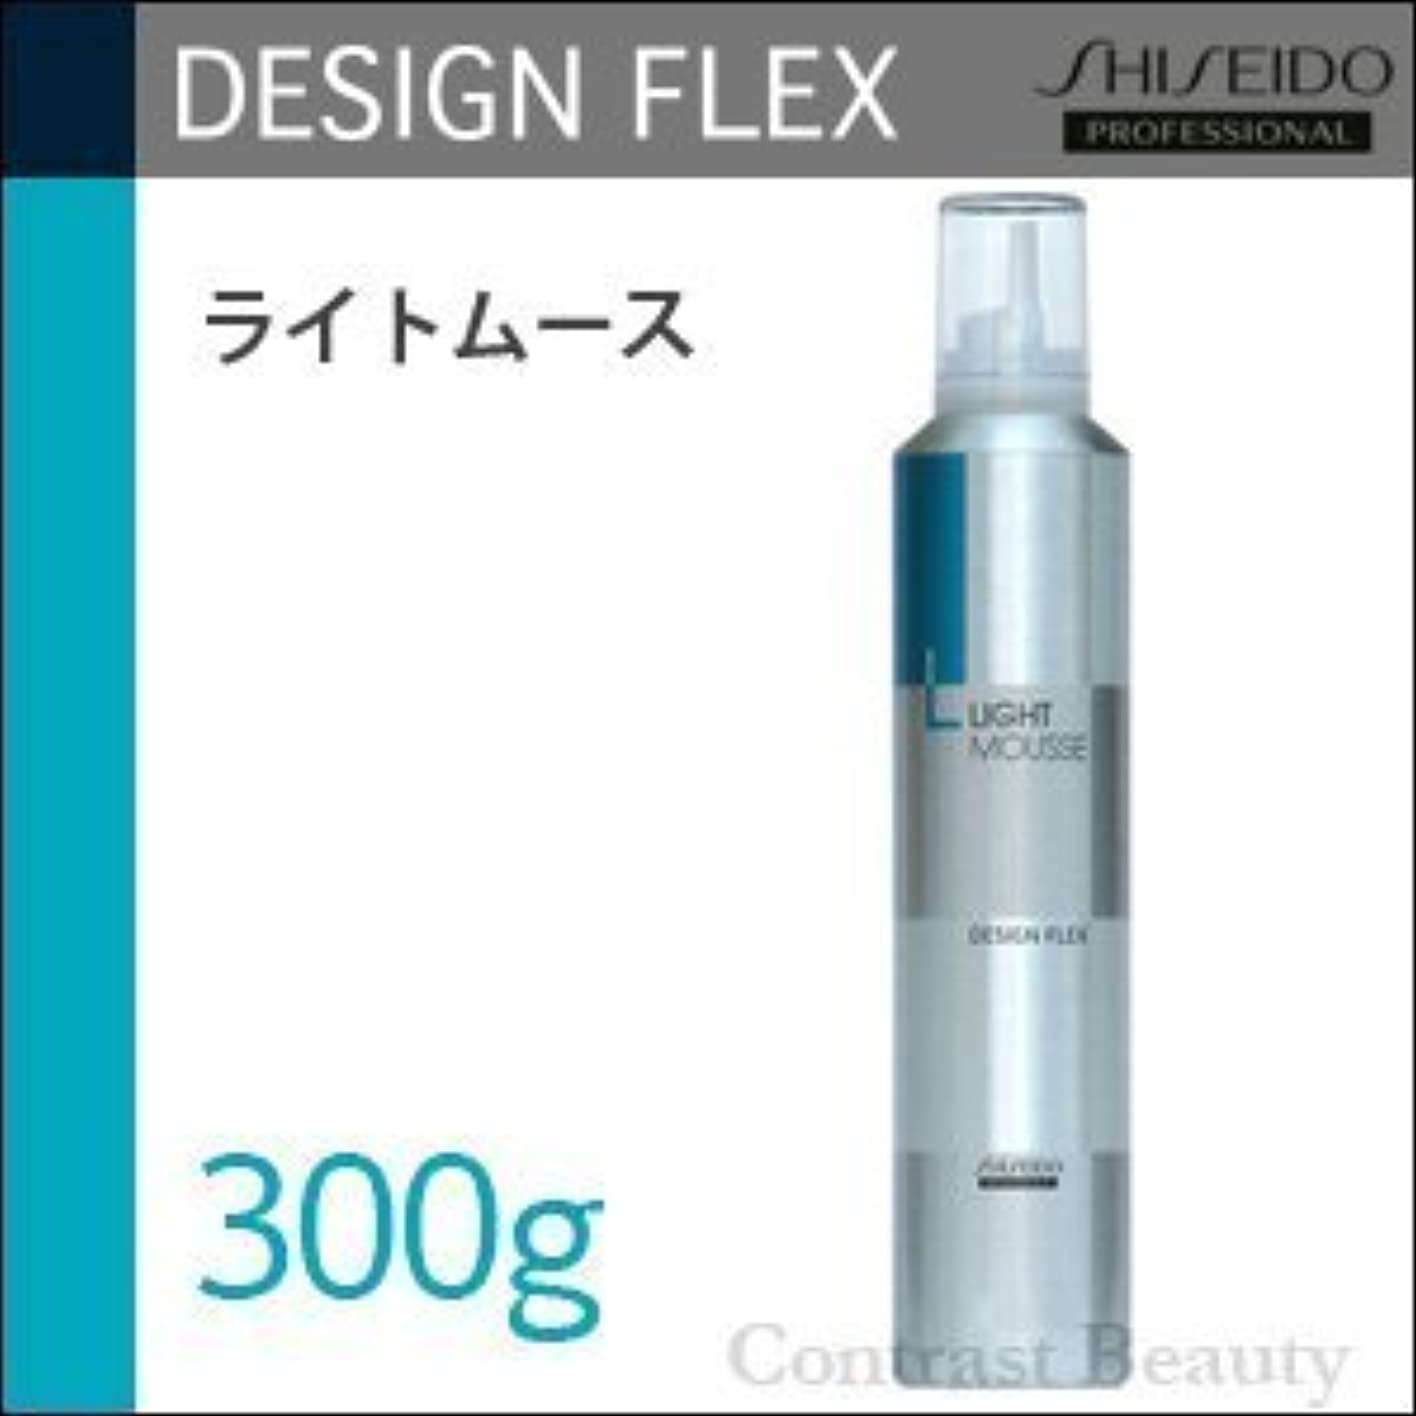 アンケート執着白鳥資生堂プロフェッショナル デザインフレックス ライトムース 300g